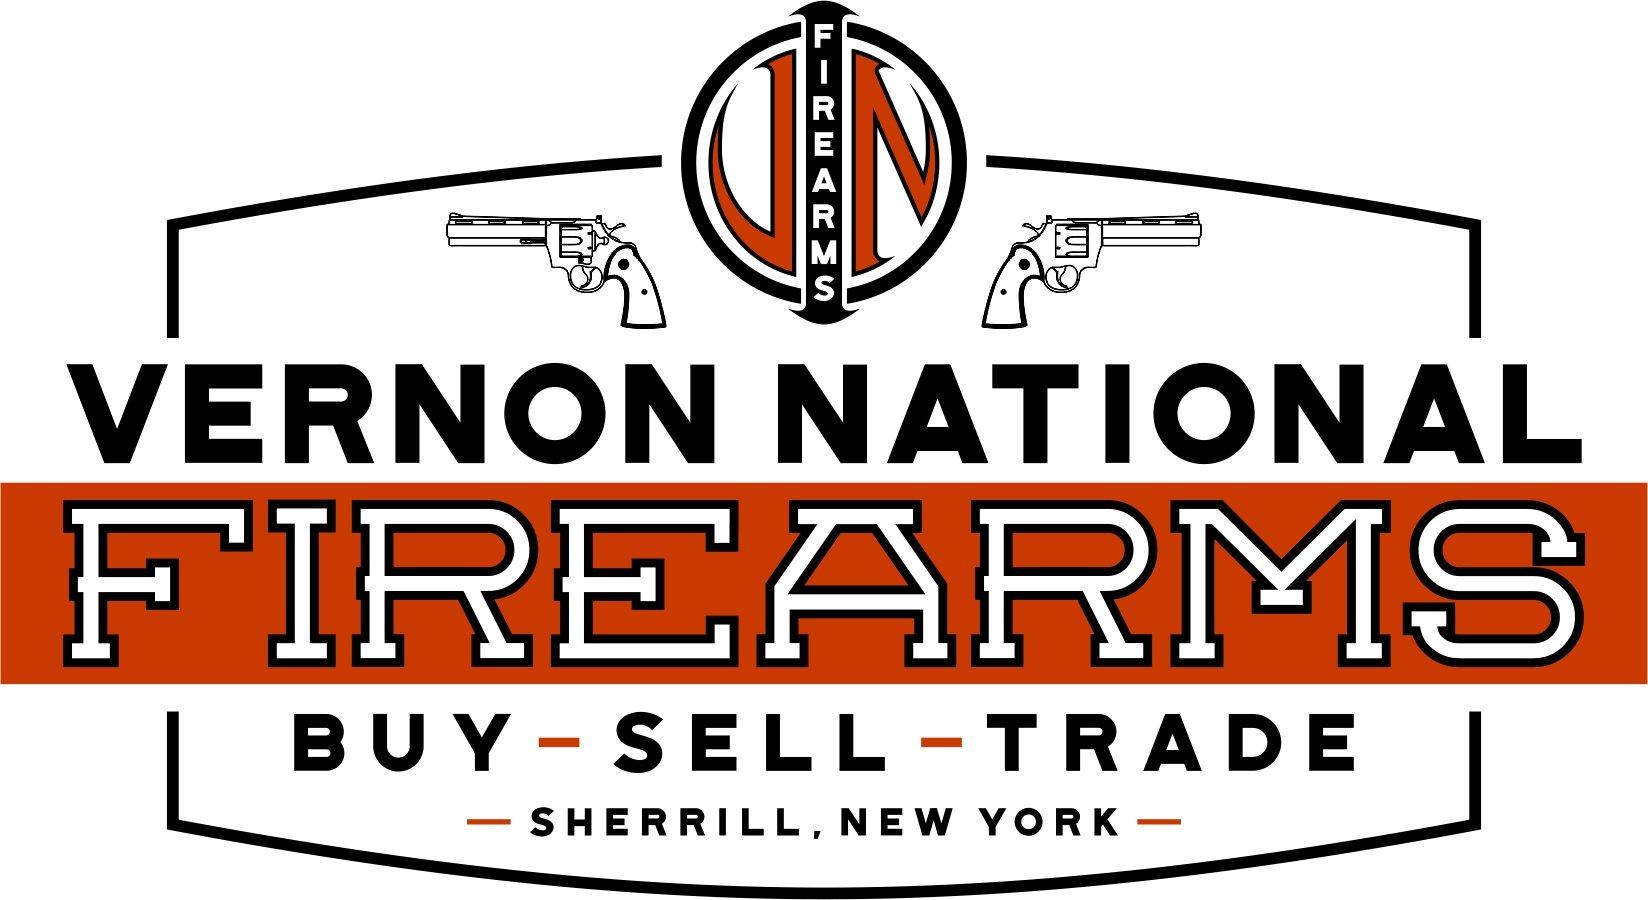 Vernon National Firearms